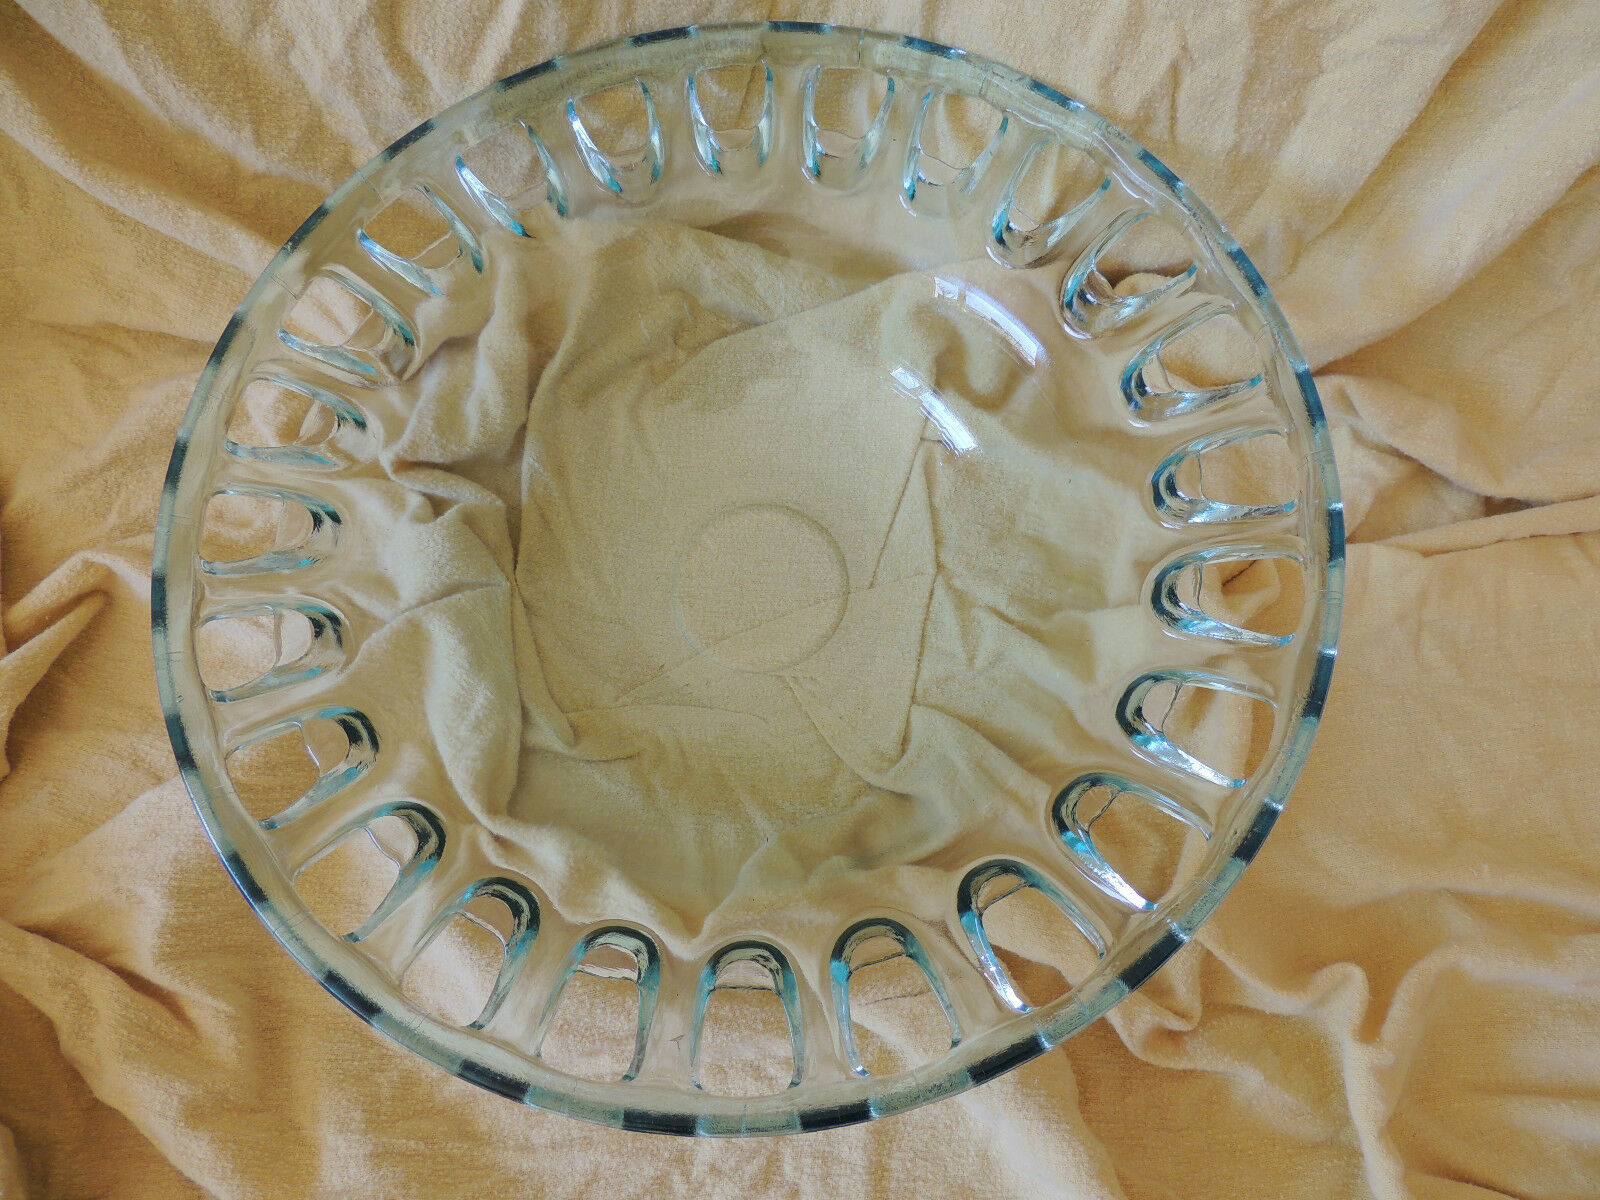 NEU,Glas Schale aus Konkursmasse,  Cristal  Schale nur geöffnet für die Fotos